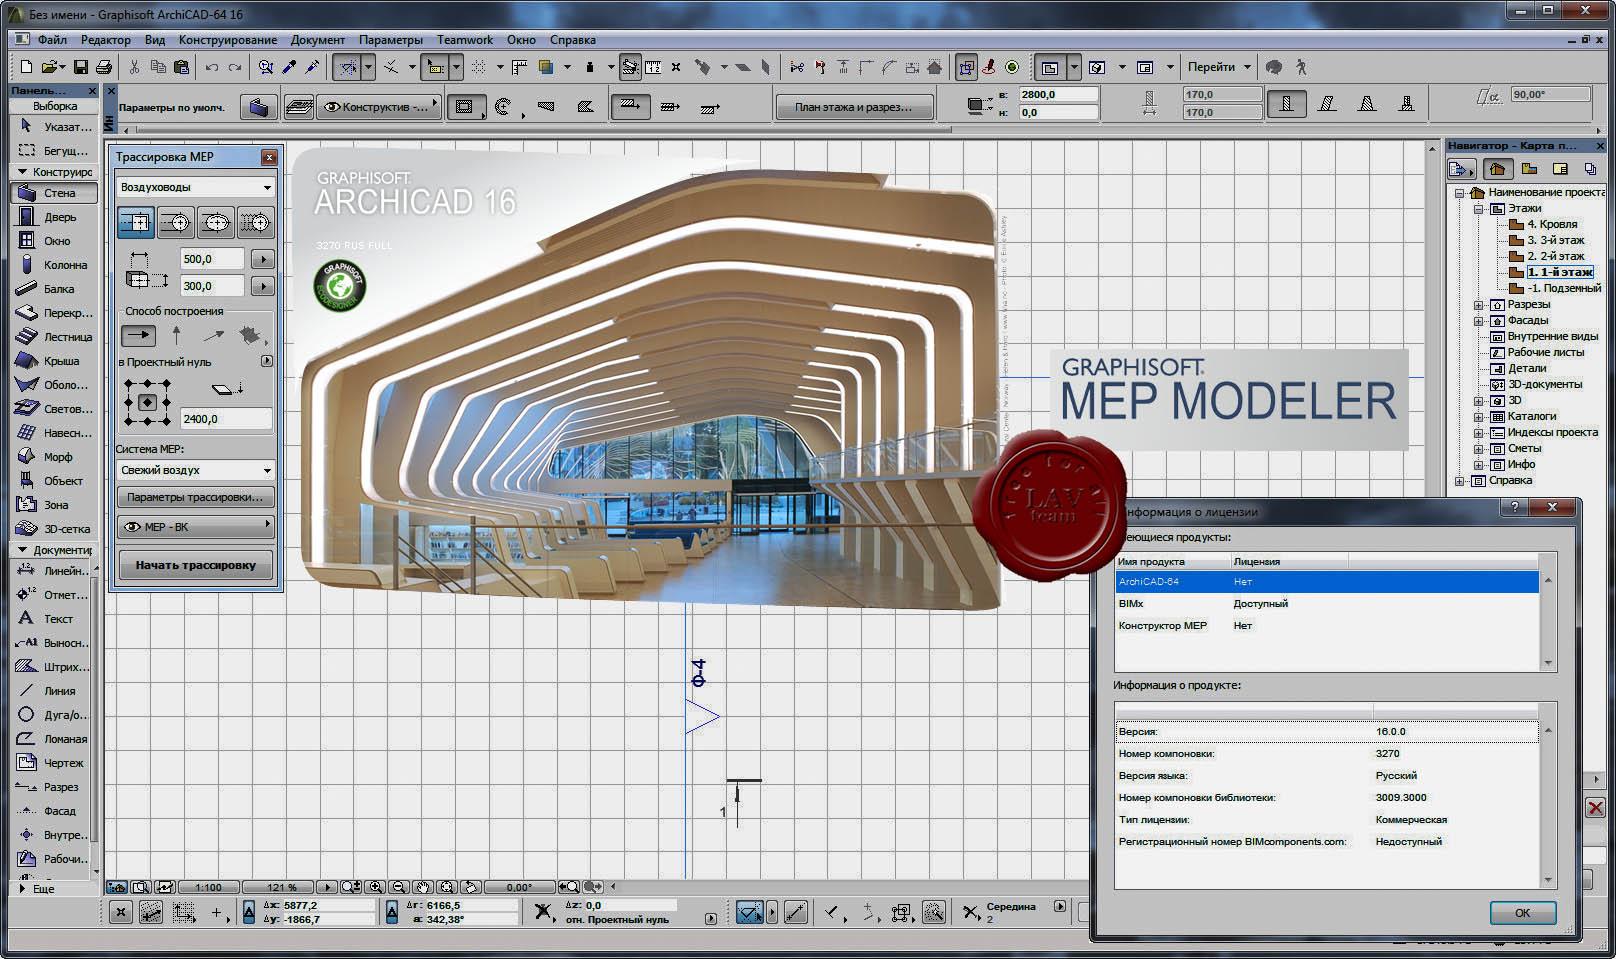 Для моделирования работы internet используется модель модели онлайн липецк